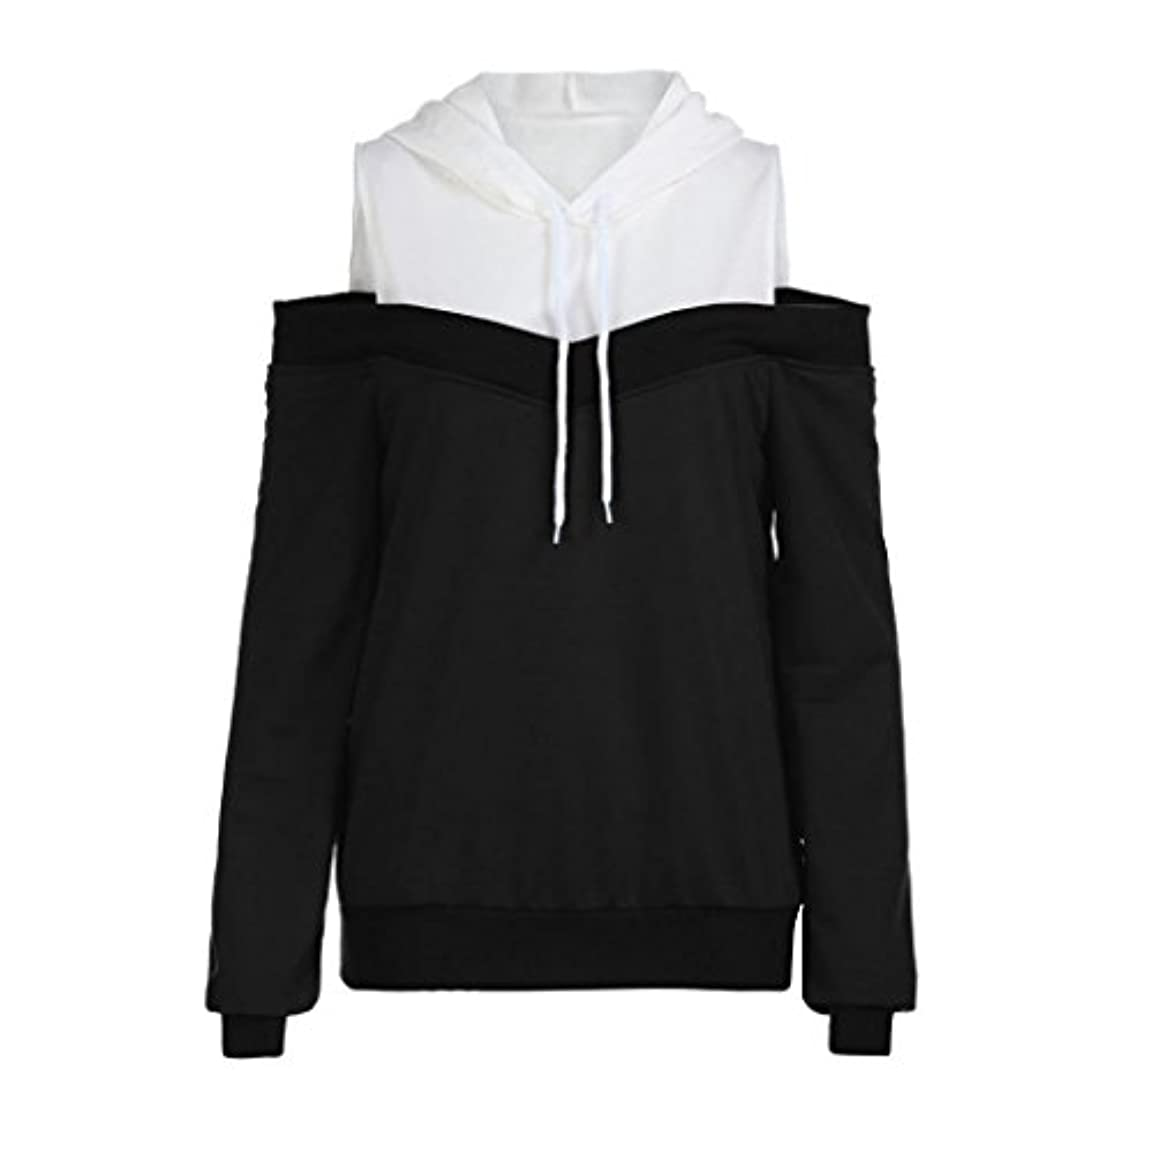 ジャム持っているリットルSakuraBest レディースファッションオフショルダーロングスリーブパーカースウェットシャツ